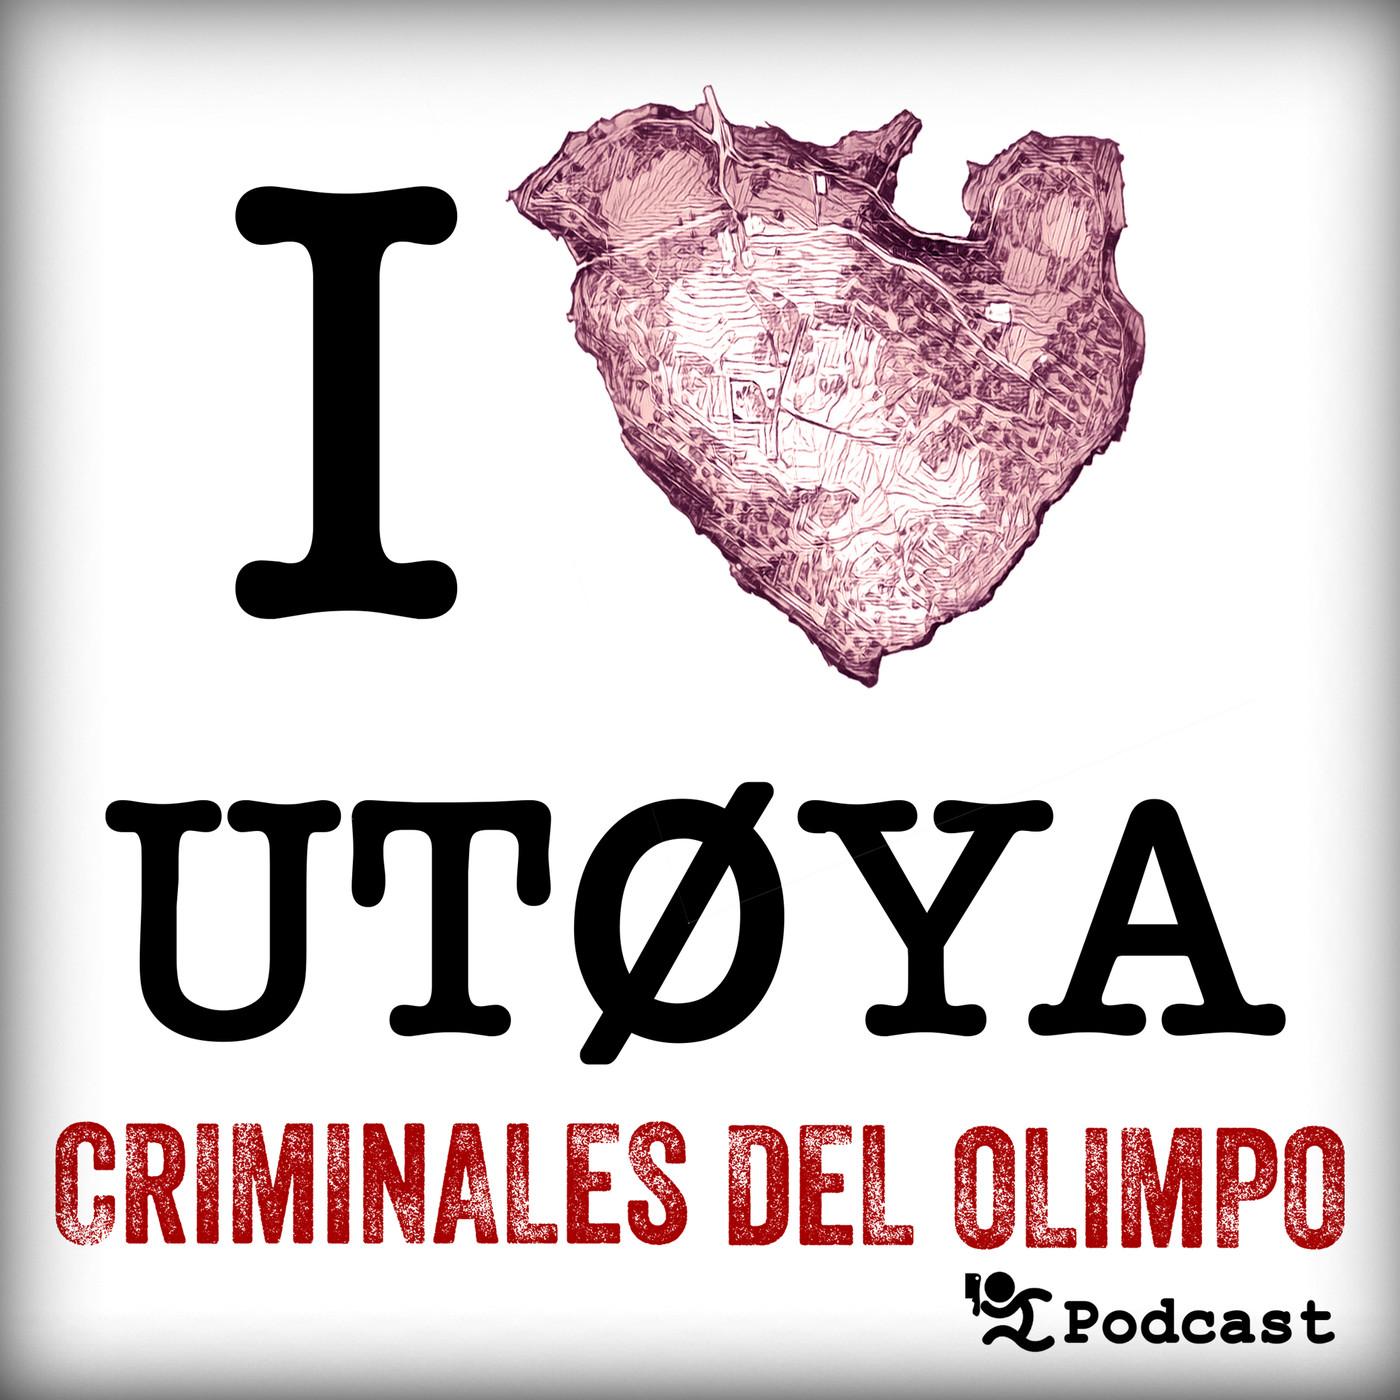 01X02: Anders Breivik - Cruzadas en Noruega Masacre en Utoya (Criminales del Olimpo)